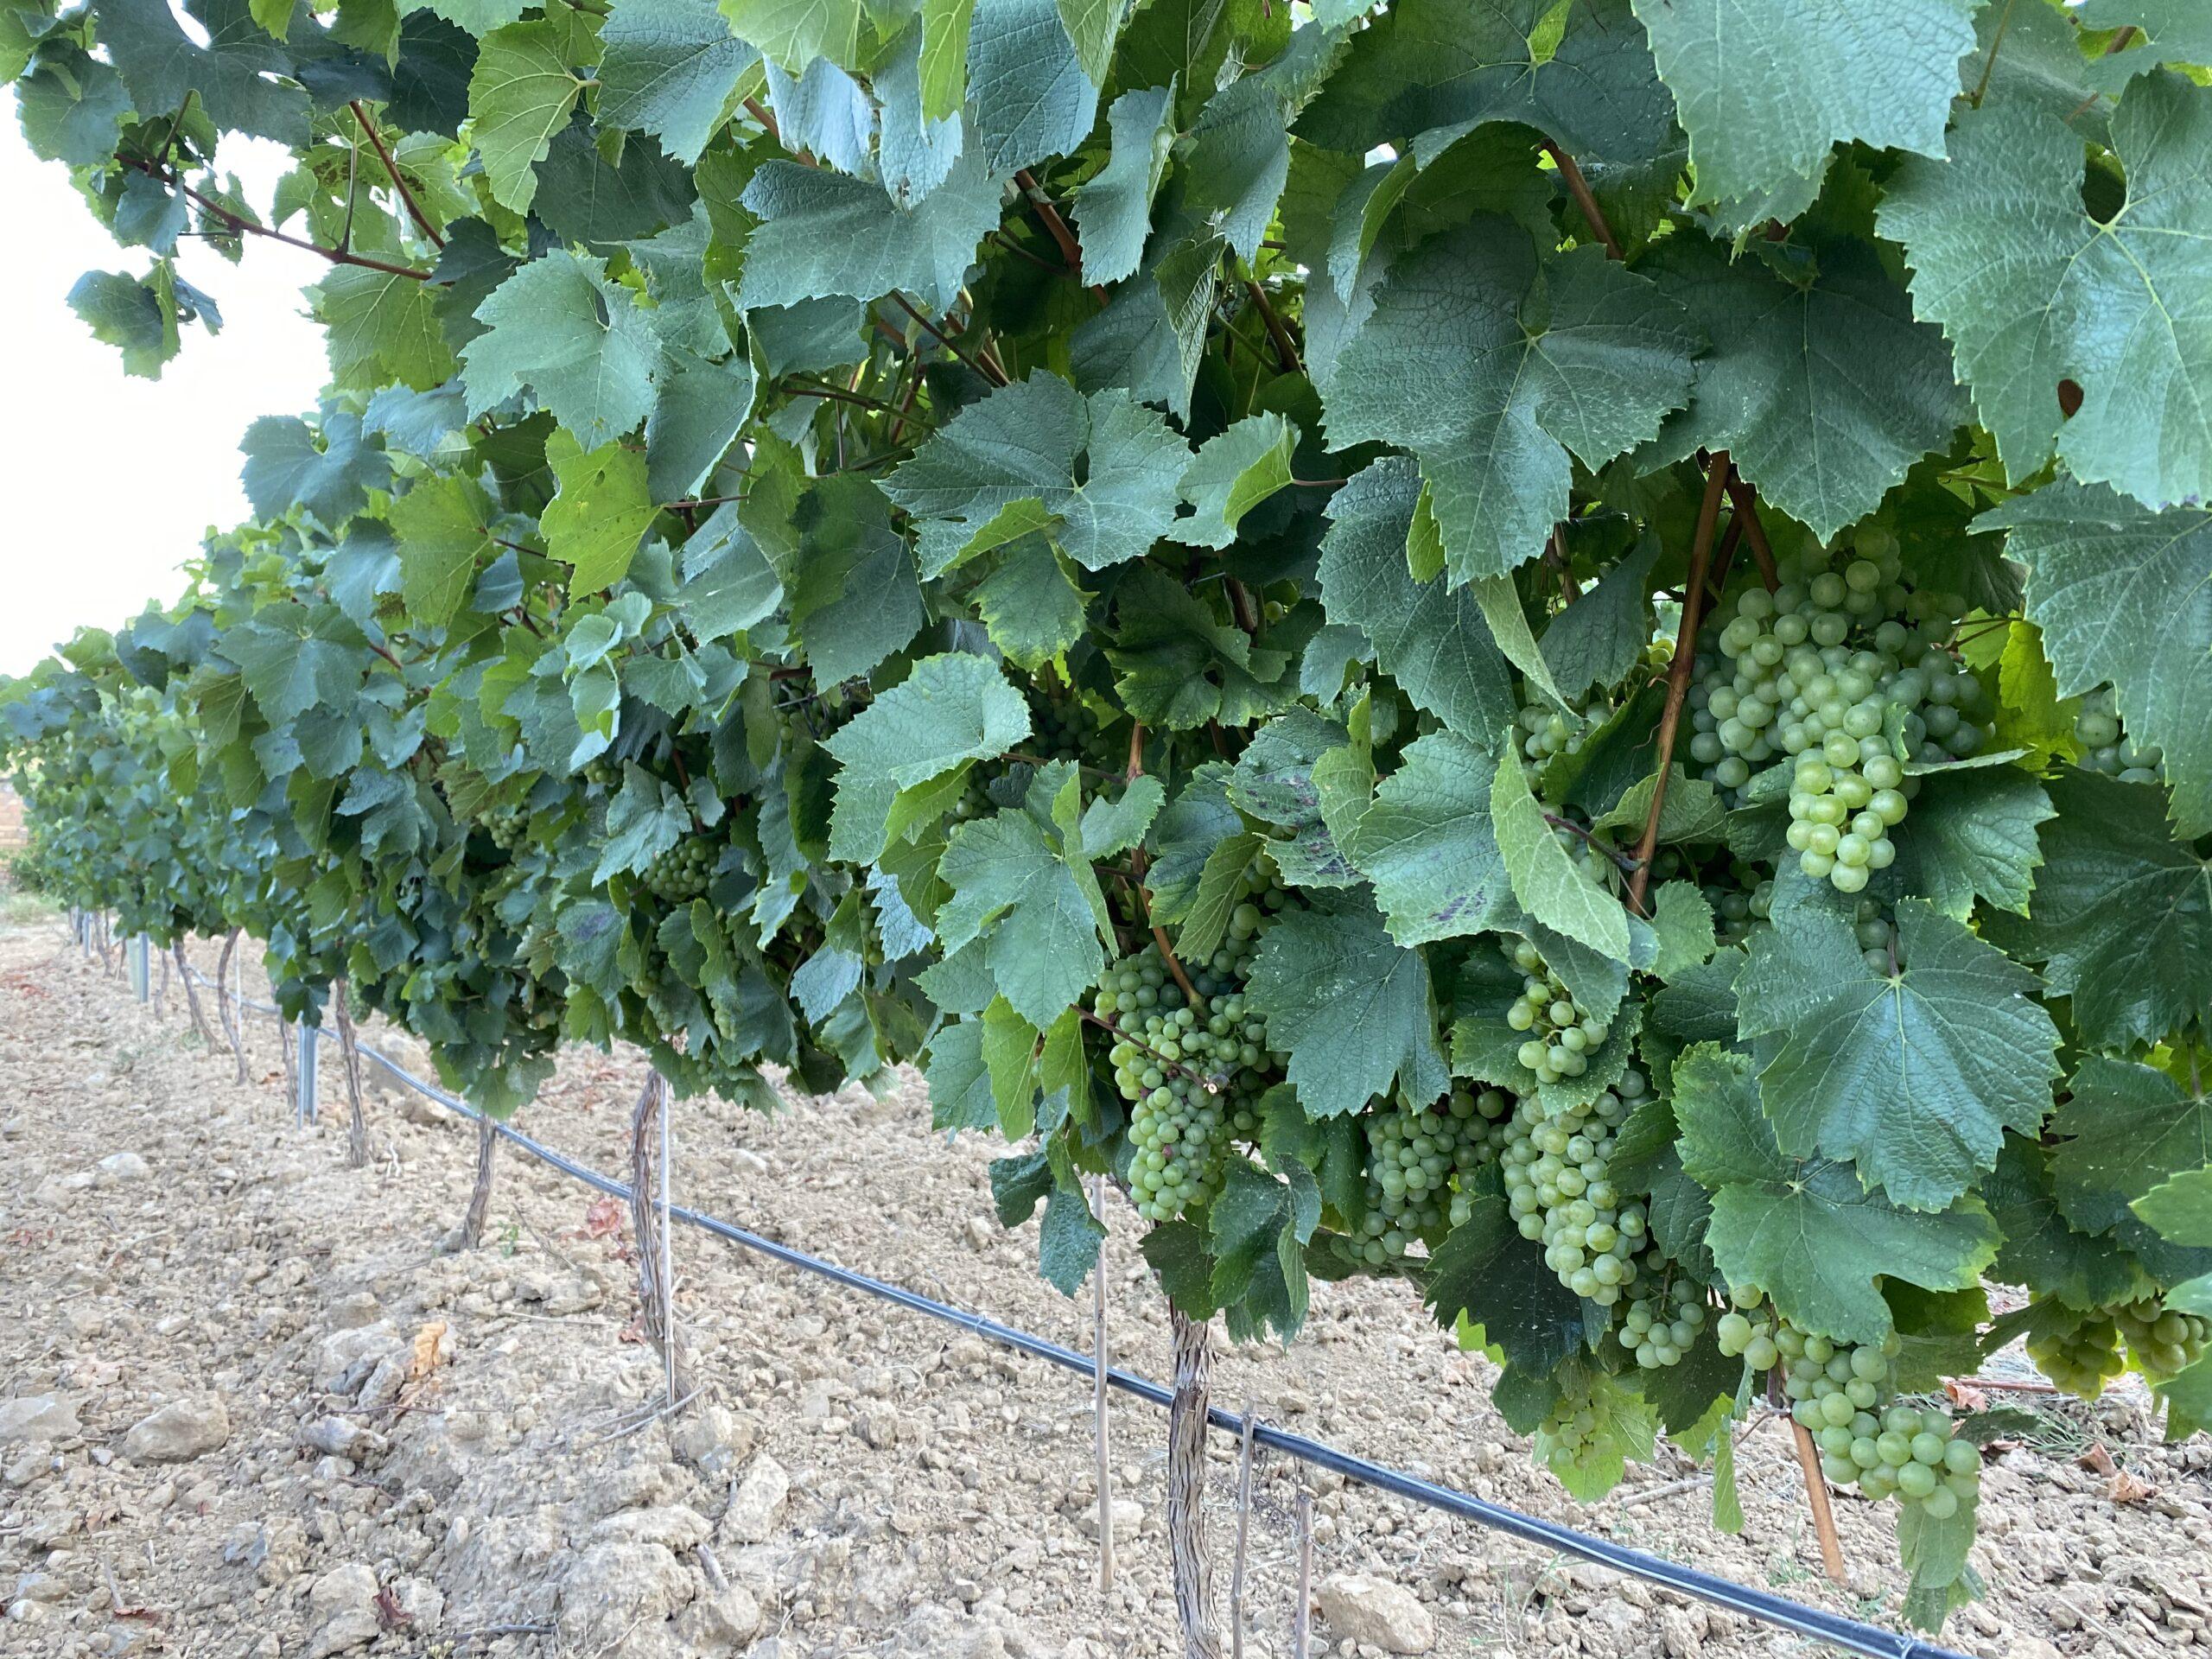 DOP Somontano inicia la vendimia 2020 - Uva Chardonnay